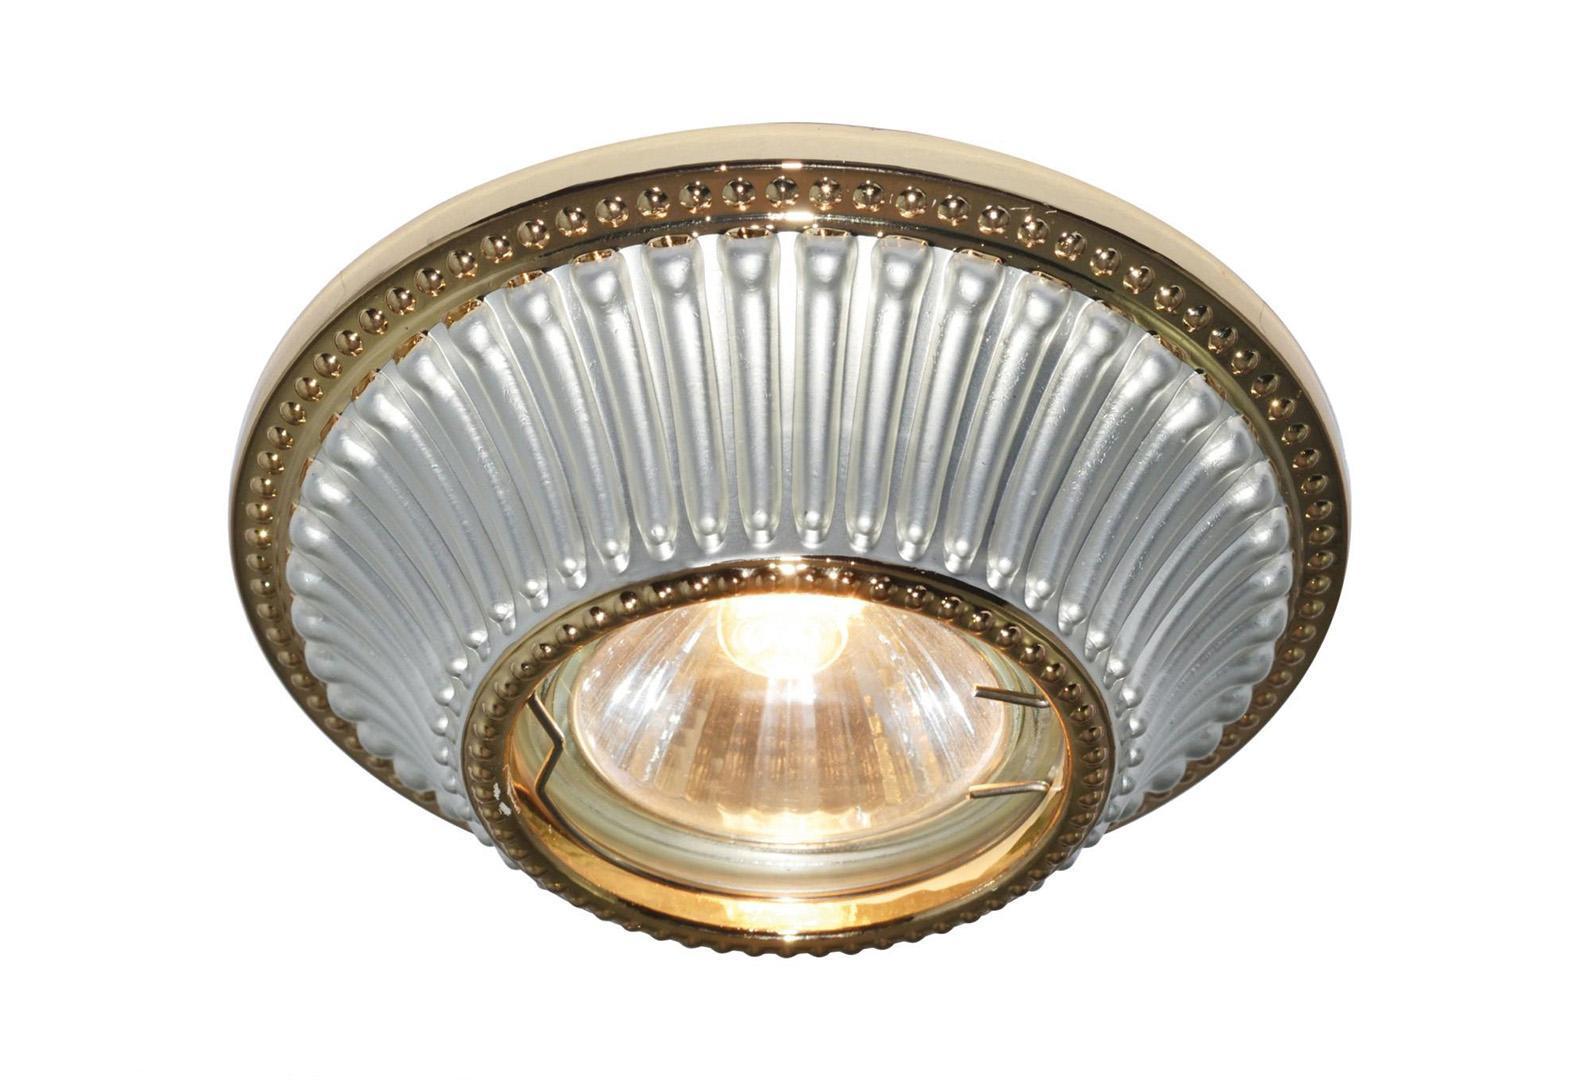 Светильник встраиваемый Arte lampСветильники встраиваемые<br>Стиль светильника: классика, Диаметр: 110, Форма светильника: круг, Материал светильника: металл, Количество ламп: 1, Тип лампы: накаливания, Мощность: 50, Патрон: GU10, Цвет арматуры: золото, Назначение светильника: для комнаты, Вес нетто: 0.2, Коллекция: 5298<br>